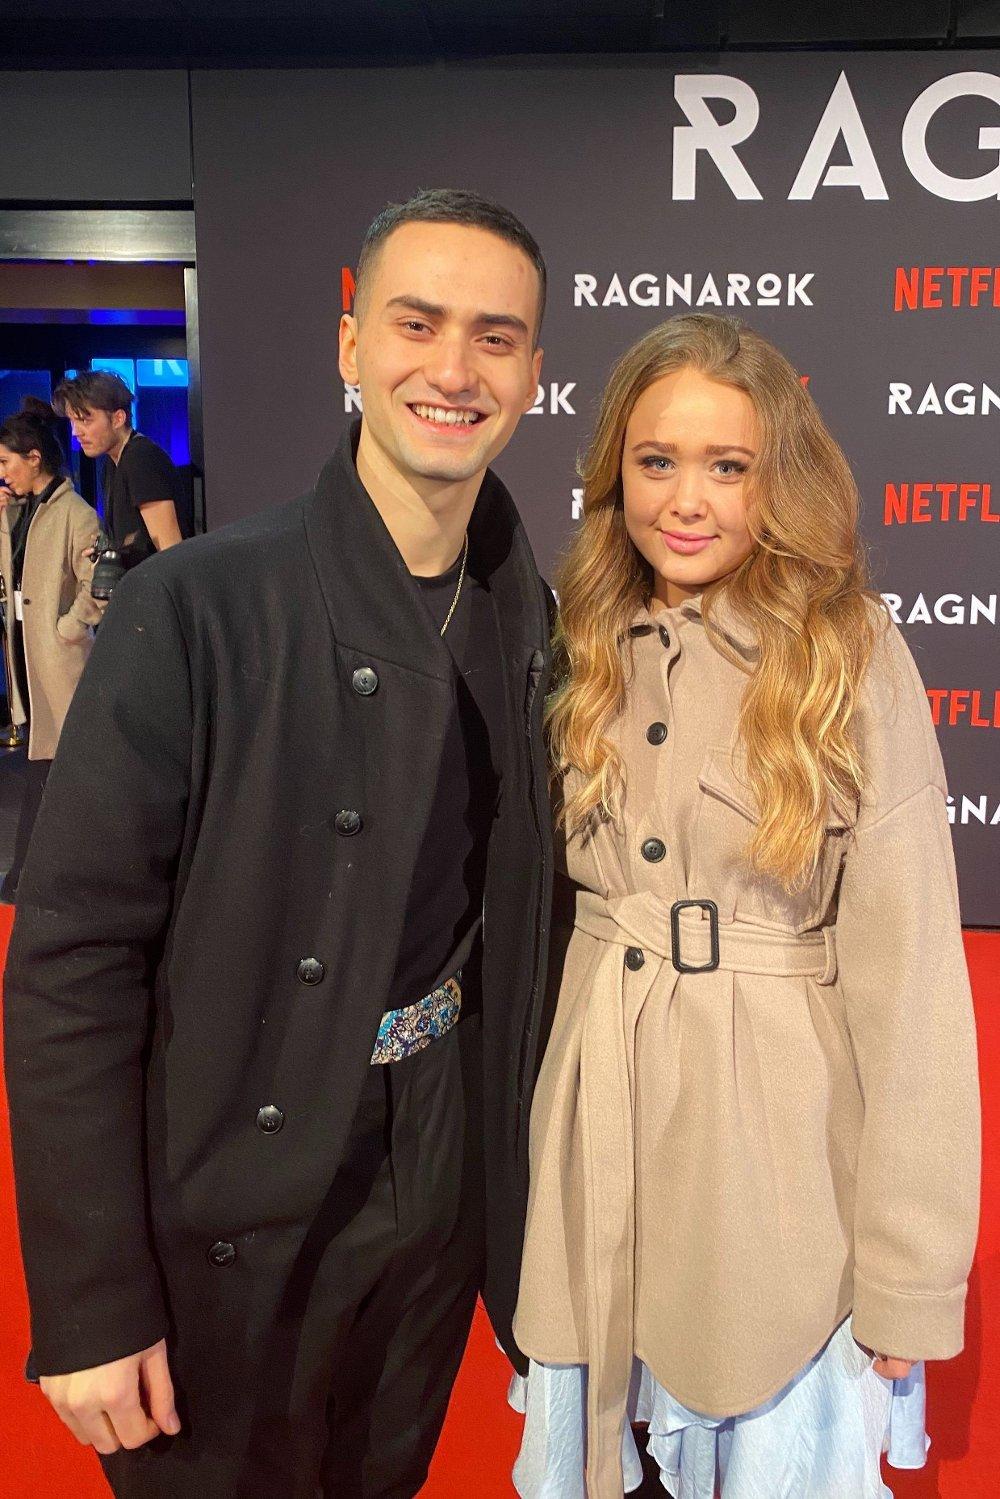 Klikk på bildet for å forstørre. Cengiz Al og kjæresten Maiken blom på den røde løperen utenfor Colosseum kino i forbindelse med premieren på «Ragnarok».